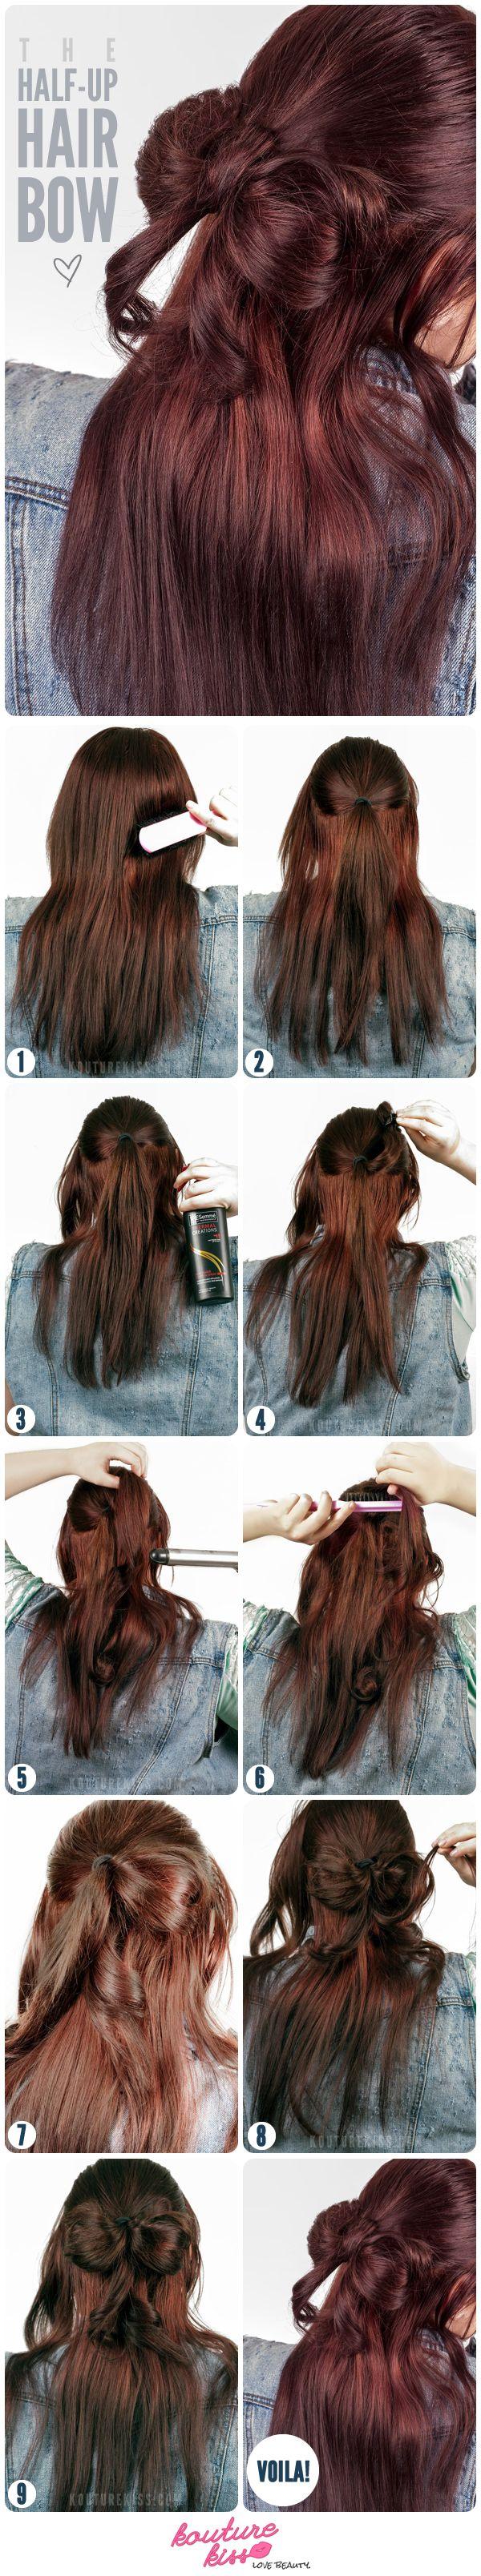 86 best Hair images on Pinterest